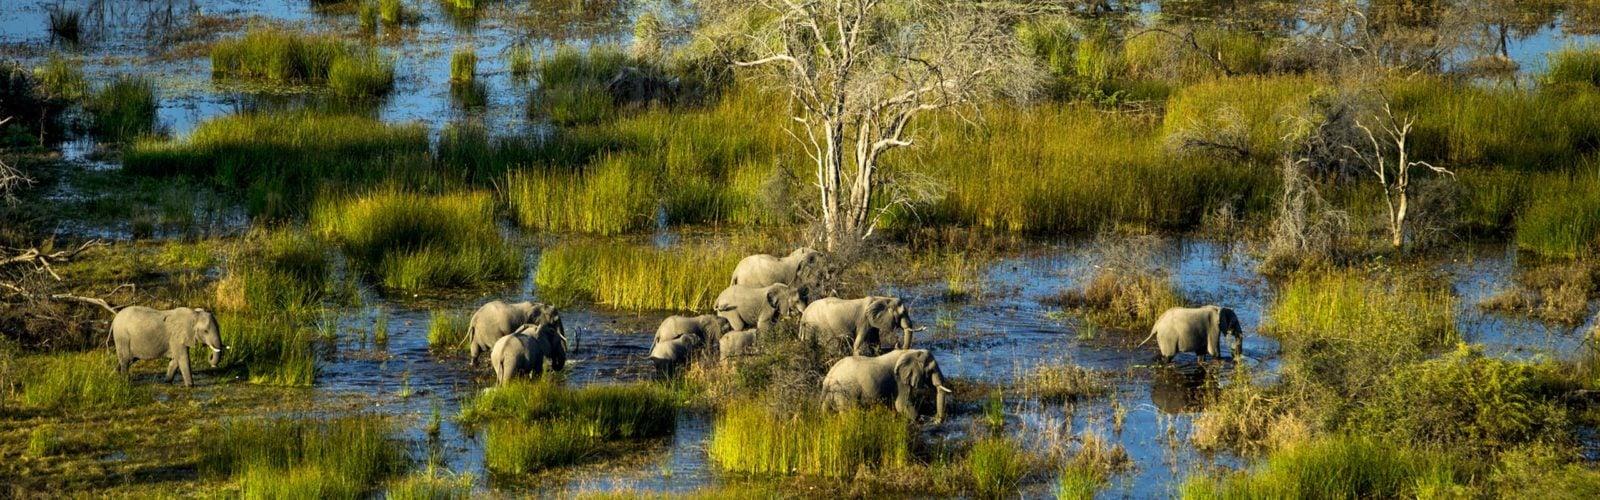 elephants-okavango-delta